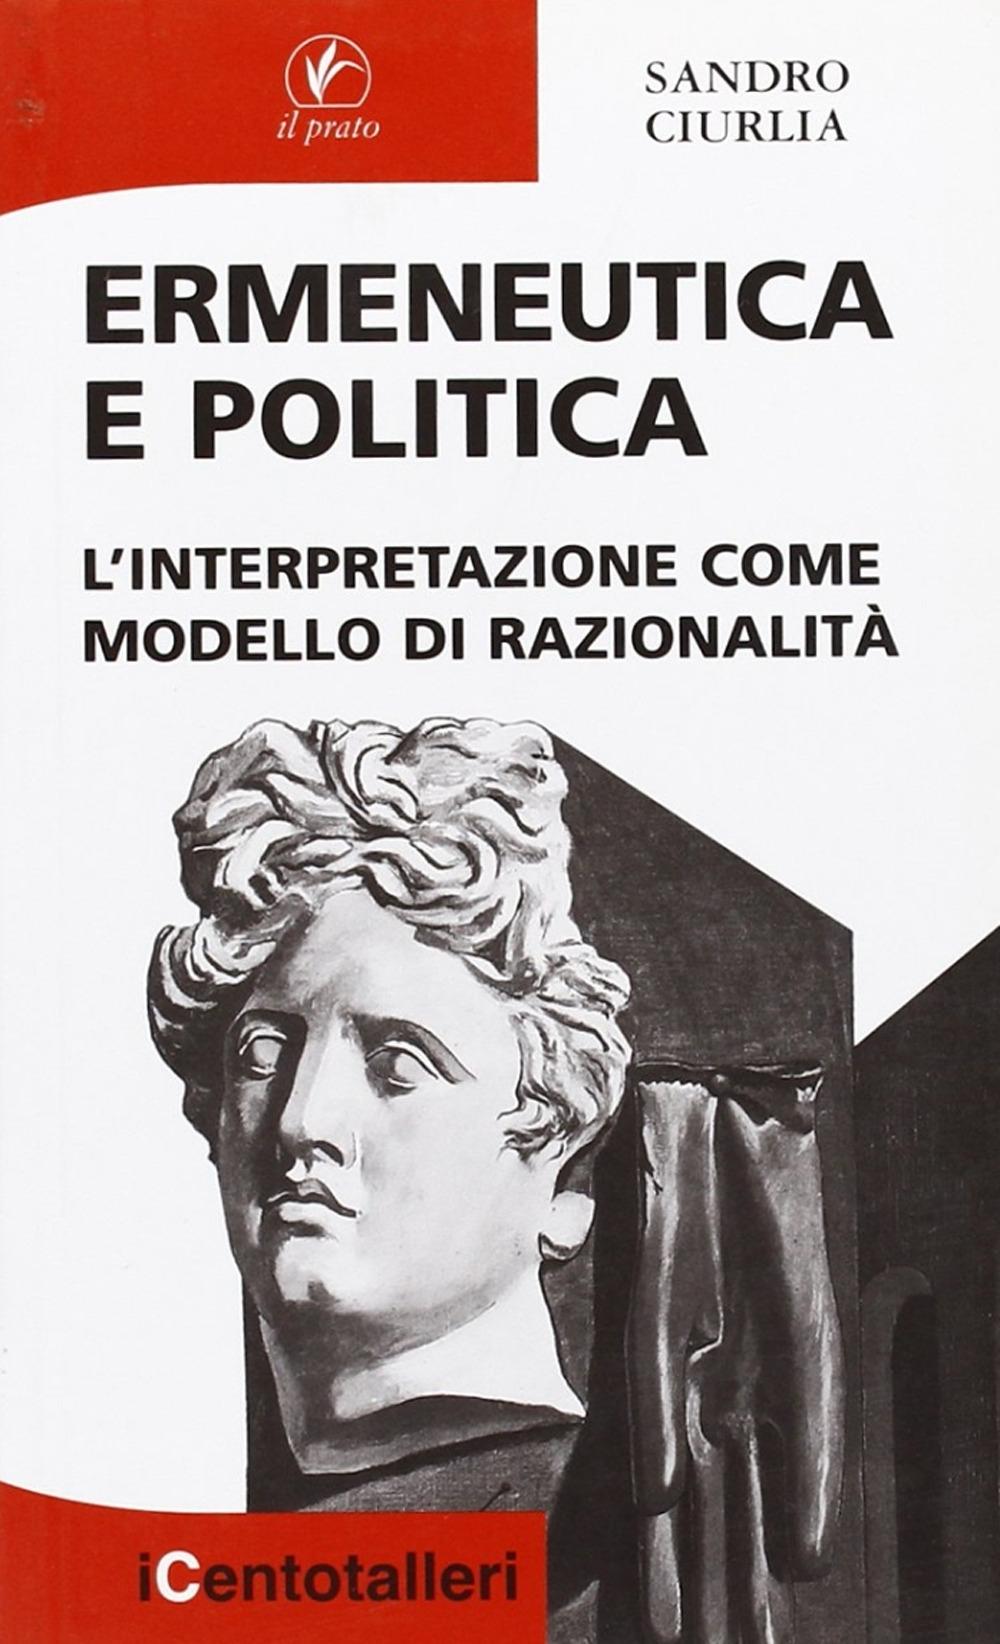 Ermeneutica e politica. L'interpretazione come modello di razionalità